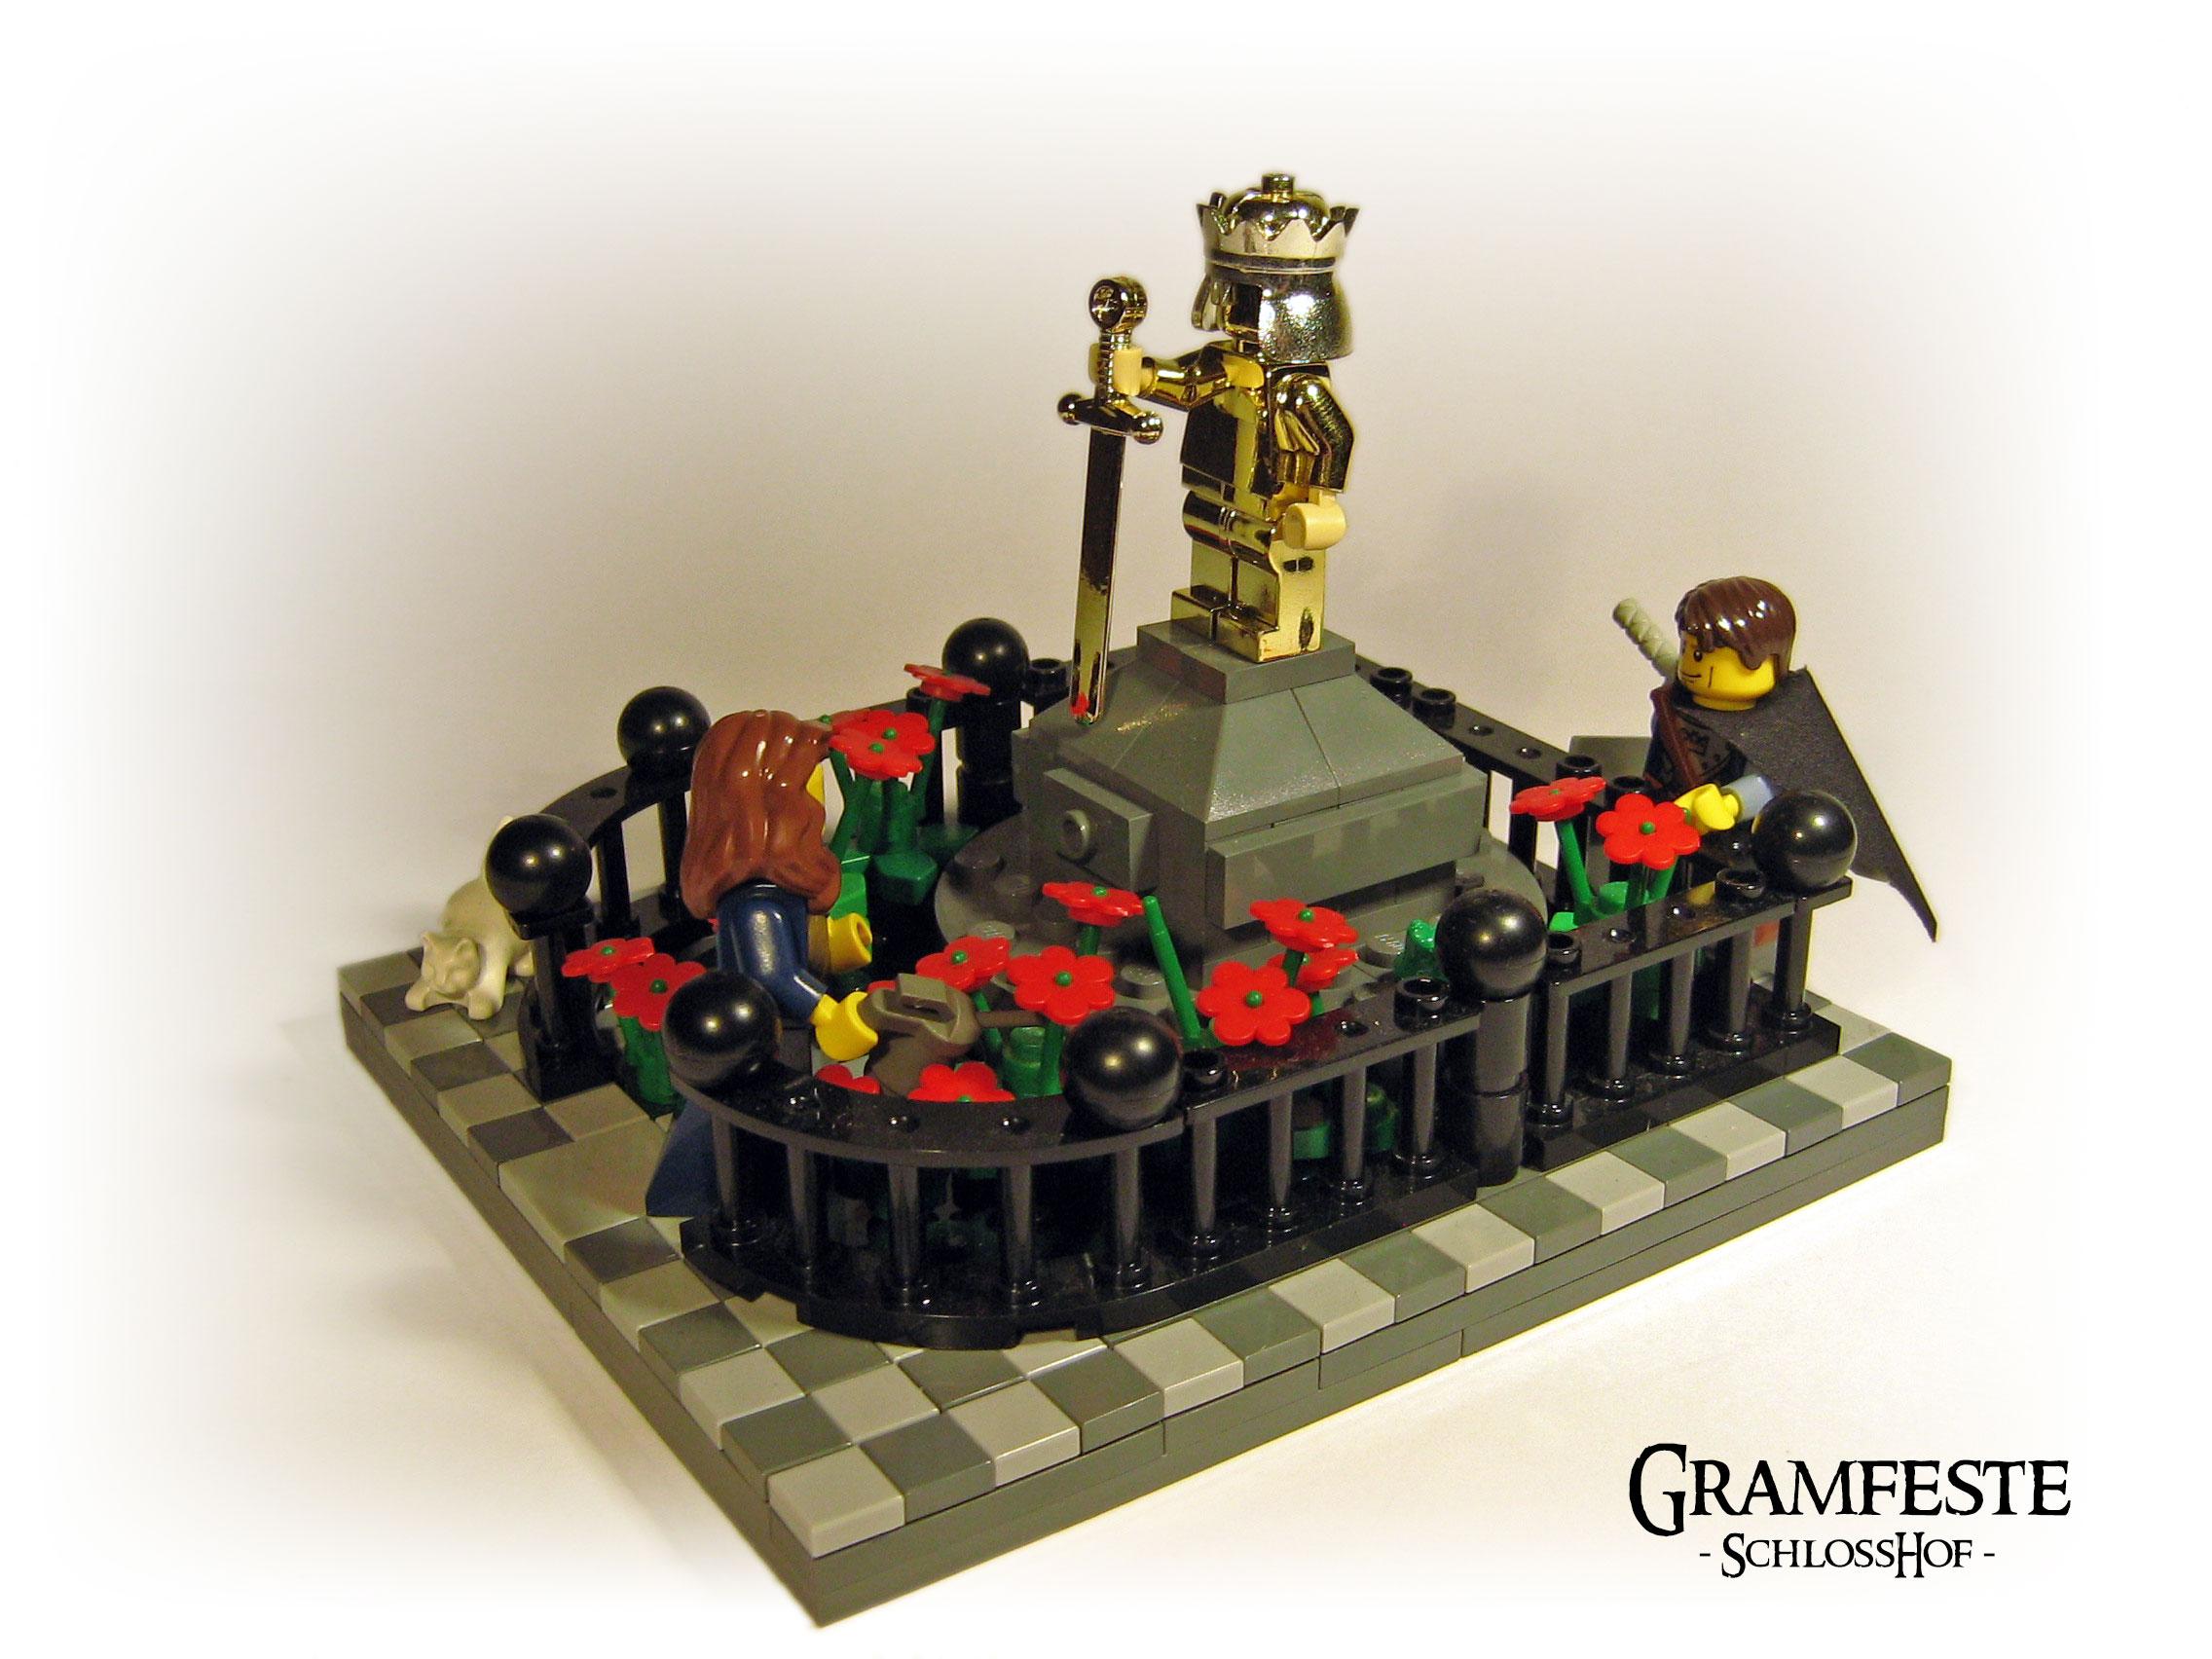 Statue des verstorbenen Kaisers